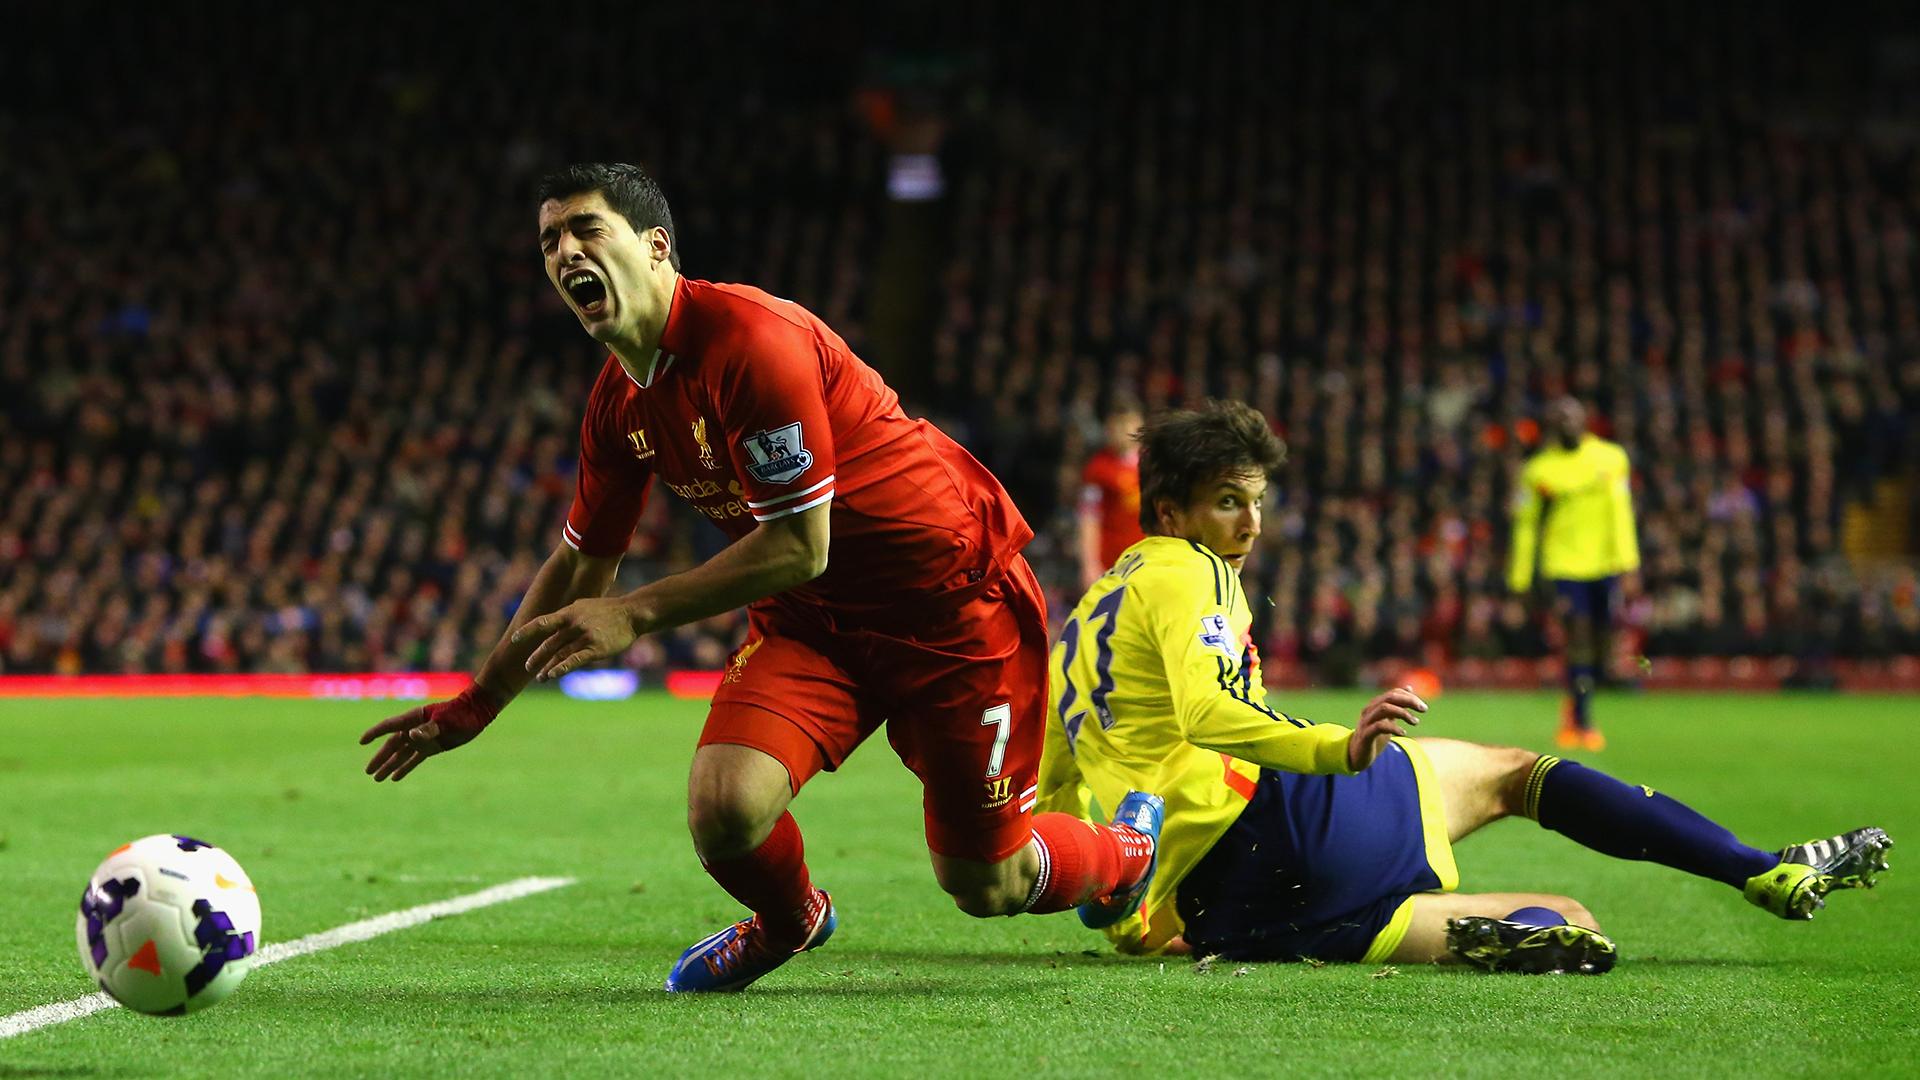 Luis Suarez Liverpool Premier League 2013-14